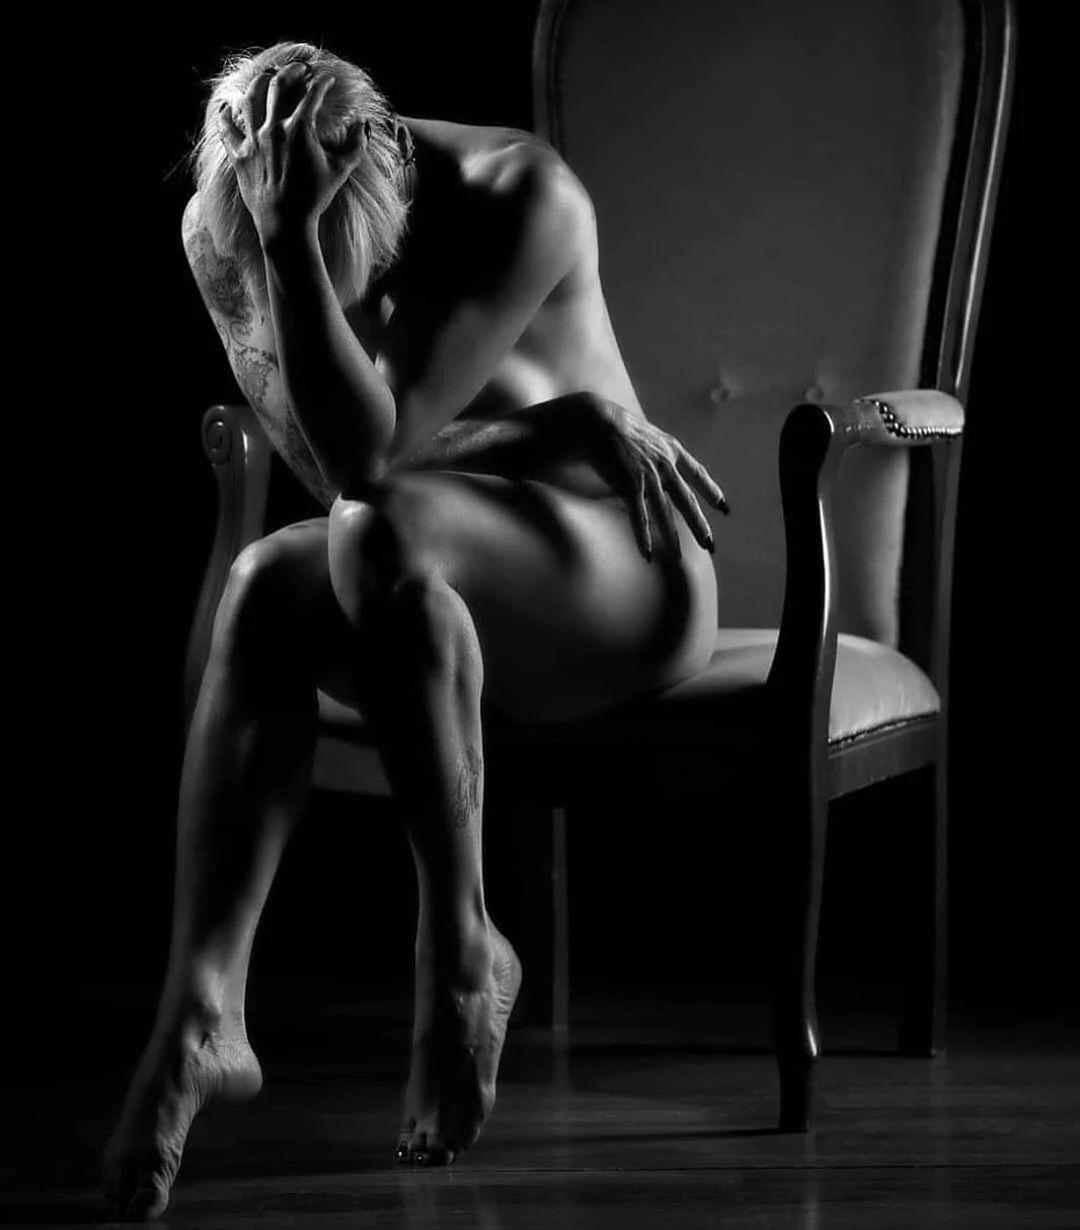 优雅的黑白人体摄影,极致的美感插图(13)